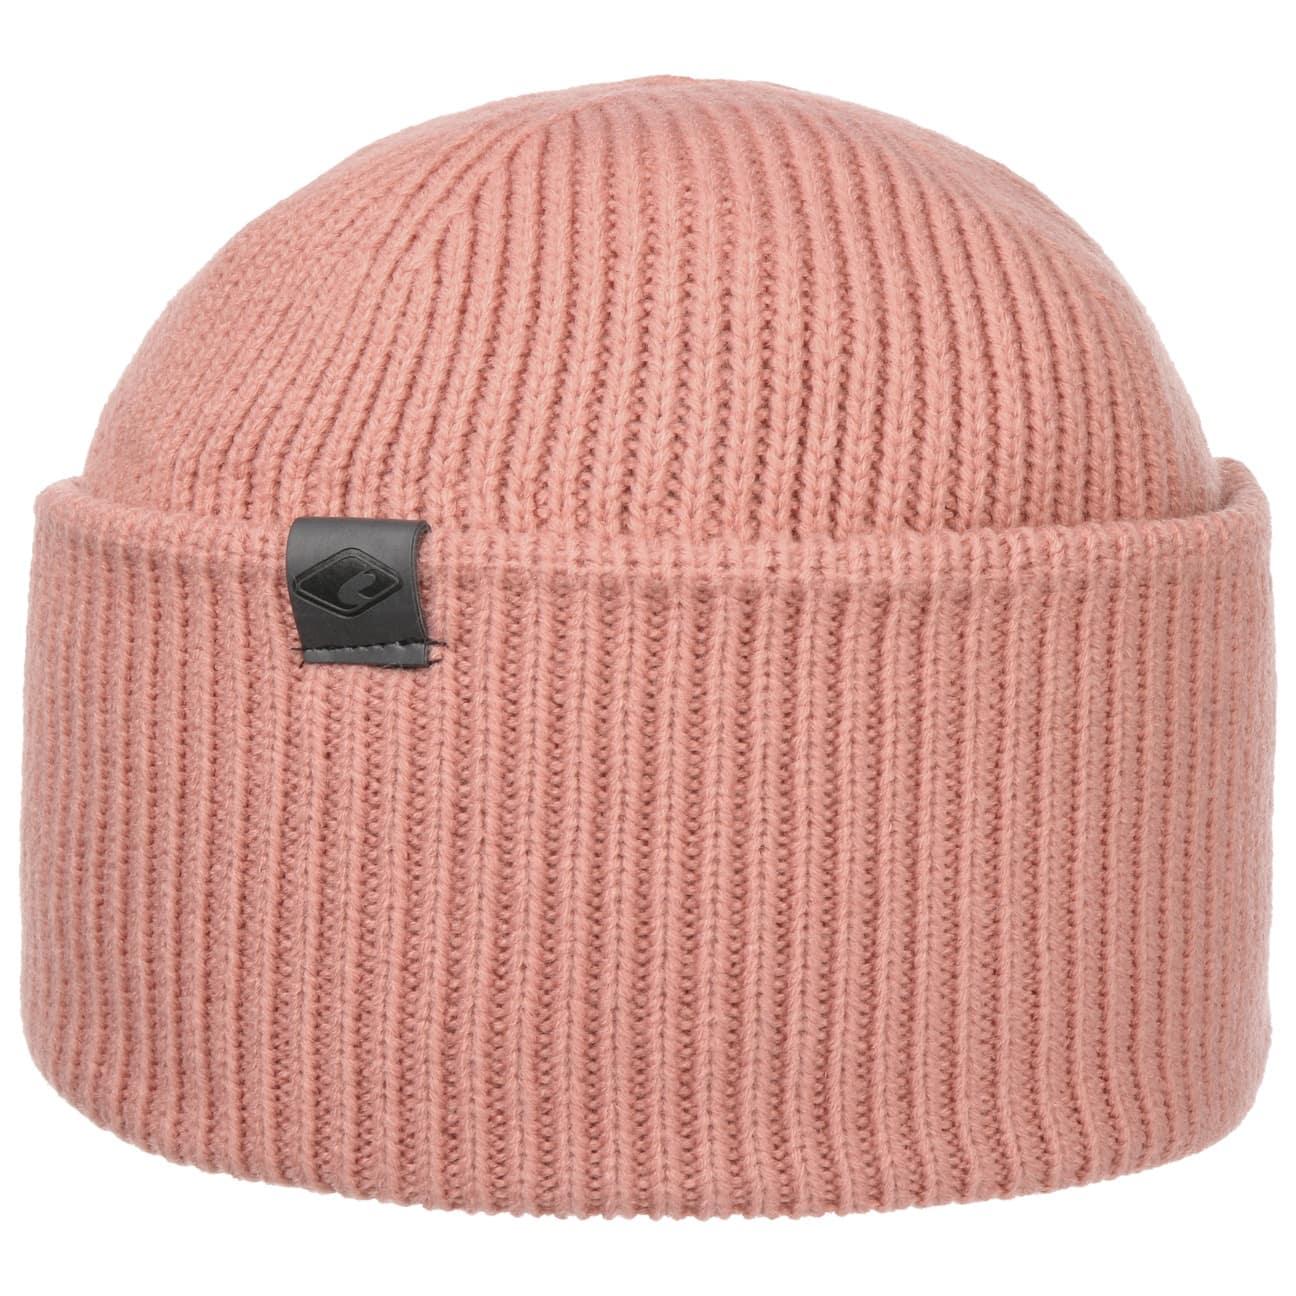 Bonnet à Large Revers by Chillouts  bonnet pour l`hiver